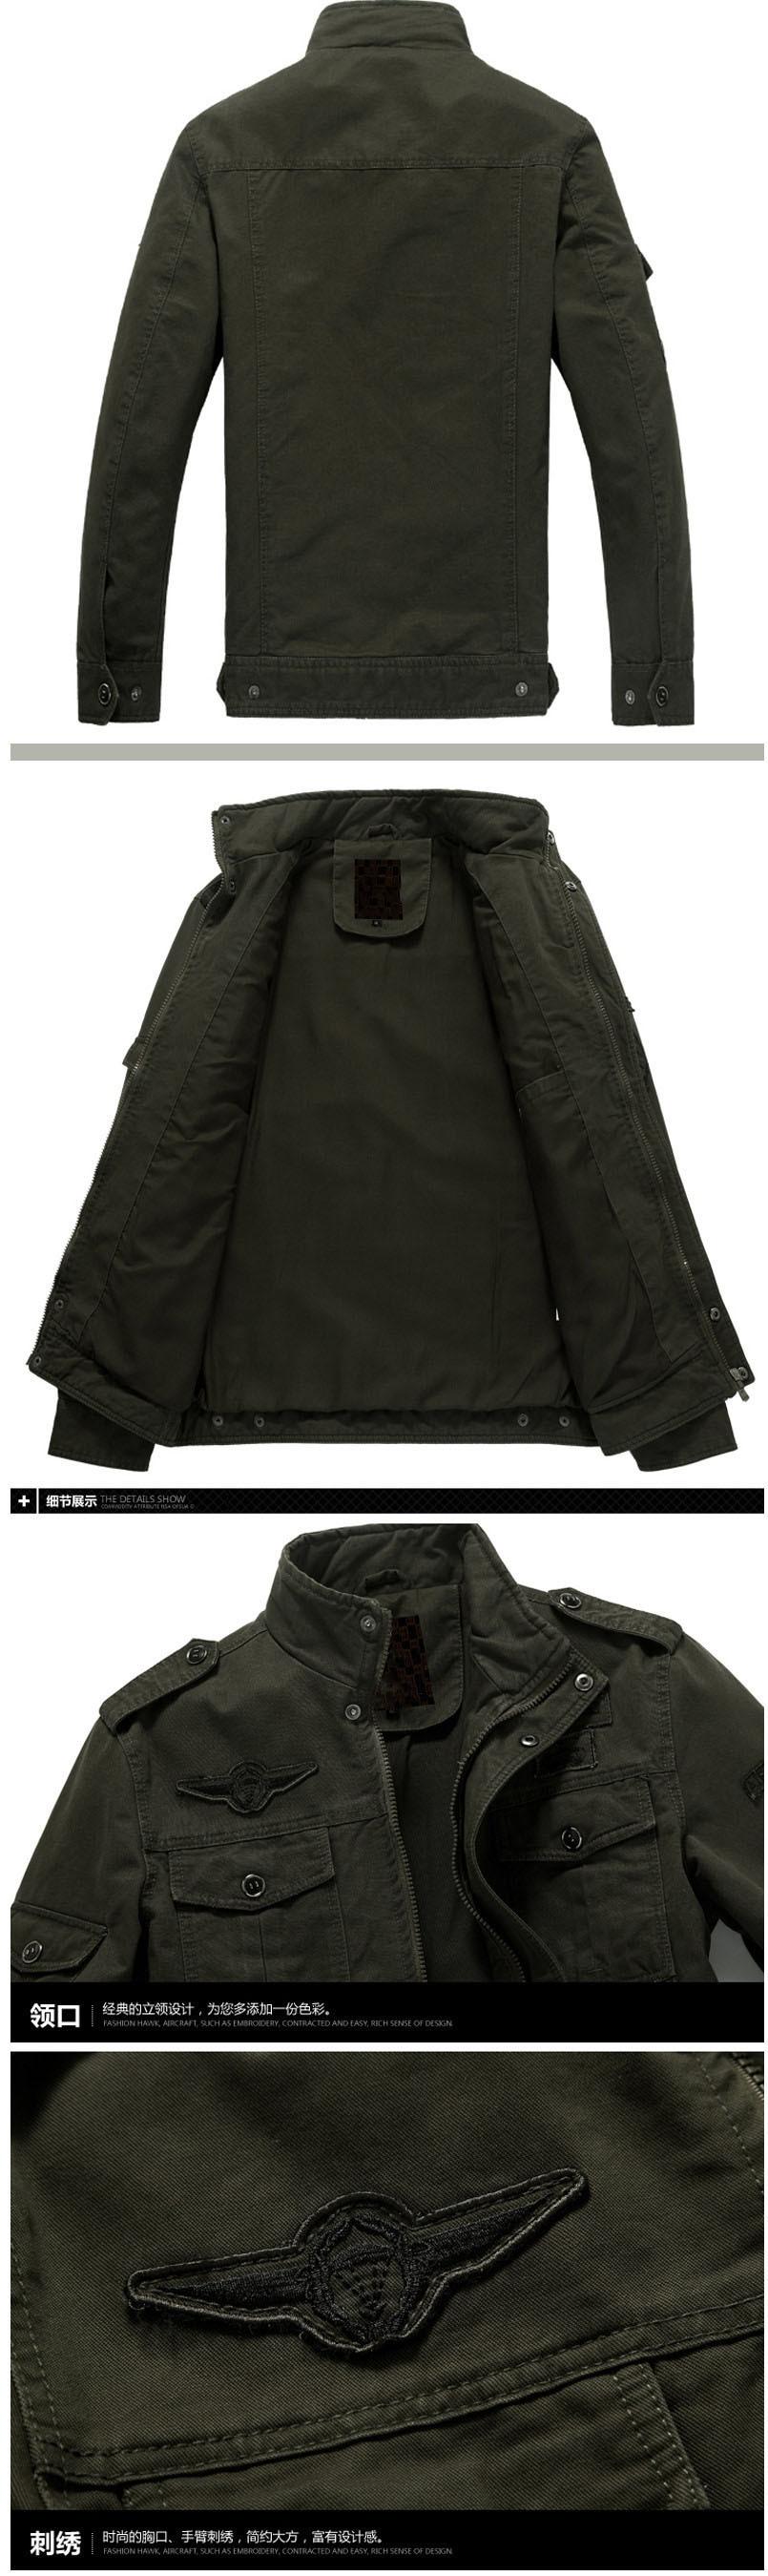 Мужская куртка-бомбер, весенне-осенние куртки, мужские пальто, военная верхняя одежда, куртка со стоячим воротником, мужская куртка, veste homme M-6XL